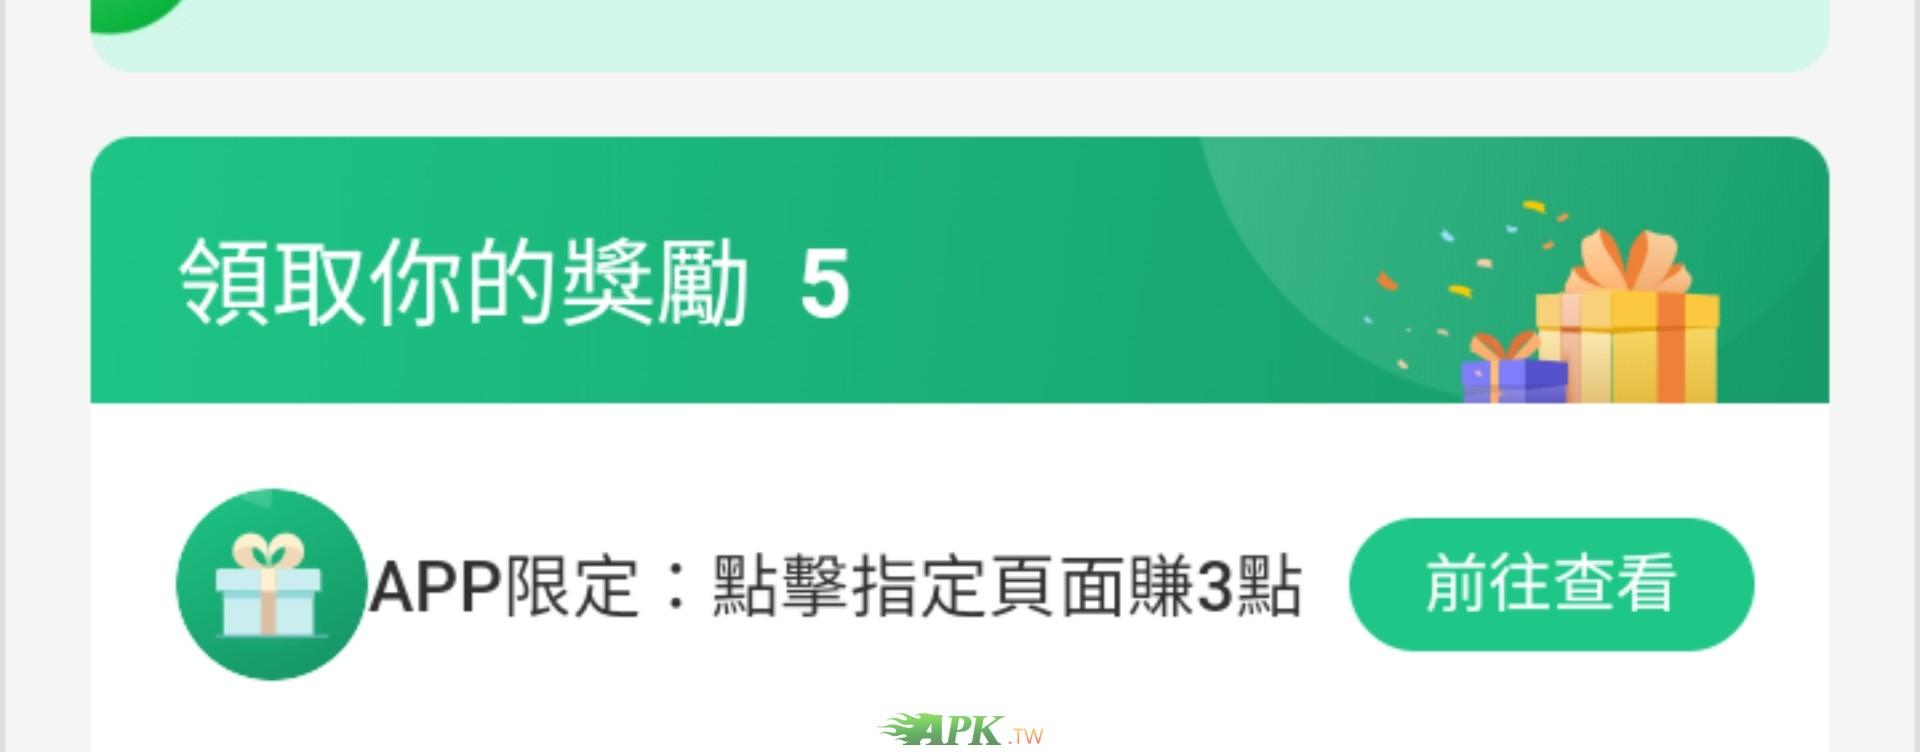 Screenshot_20200717_112359.jpg